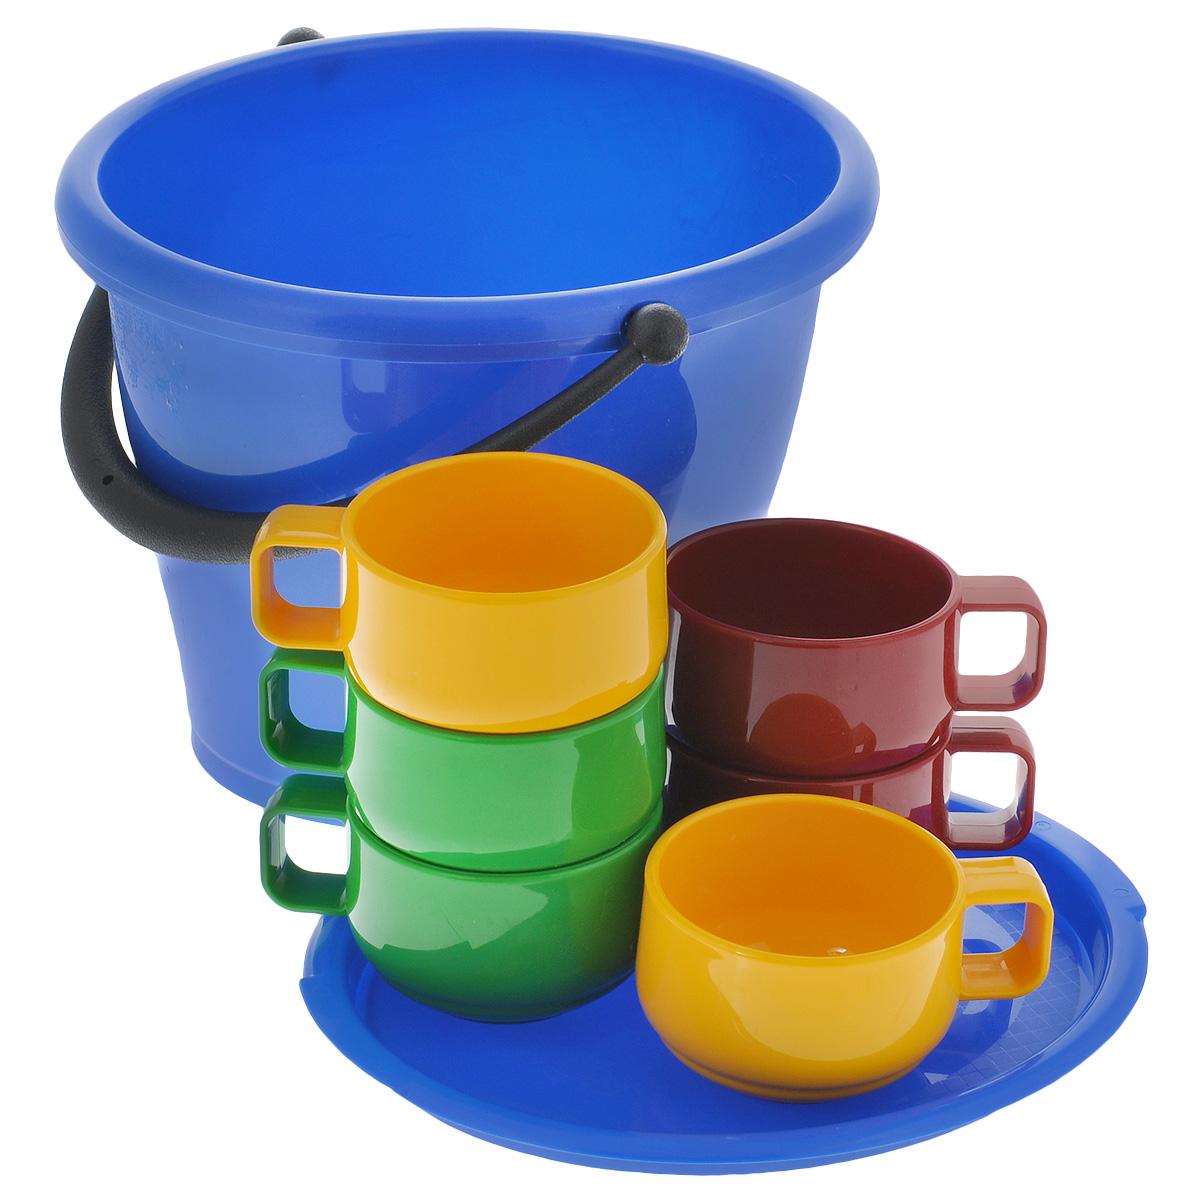 Набор посуды Solaris, в ведре, 7 предметовS1604В набор посуды Solaris входит 6 толстостенных эргономичных чашек из качественного полипропилена и ведро объемом 5 л с герметичной крышкой. Ведро можно использовать как пищевой контейнер, для приготовления шашлыка, засолки овощей, для хранения питьевой воды и т.п. В походном положении стаканы находятся внутри ведерка. Свойства посуды: Посуда из ударопрочного пищевого полипропилена предназначена для многократного использования. Легкая, прочная и износостойкая, экологически чистая, эта посуда работает в диапазоне температур от -25°С до +110°С. Можно мыть в посудомоечной машине. Эта посуда также обеспечивает: Хранение горячих и холодных пищевых продуктов; Разогрев продуктов в микроволновой печи; Приготовление пищи в микроволновой печи на пару (пароварка); Хранение продуктов в холодильной и морозильной камере; Кипячение воды с помощью электрокипятильника. Объем ведра: 5 л. Размер ведра: 26,5 см х 23 см х 20,5 см. Объем...